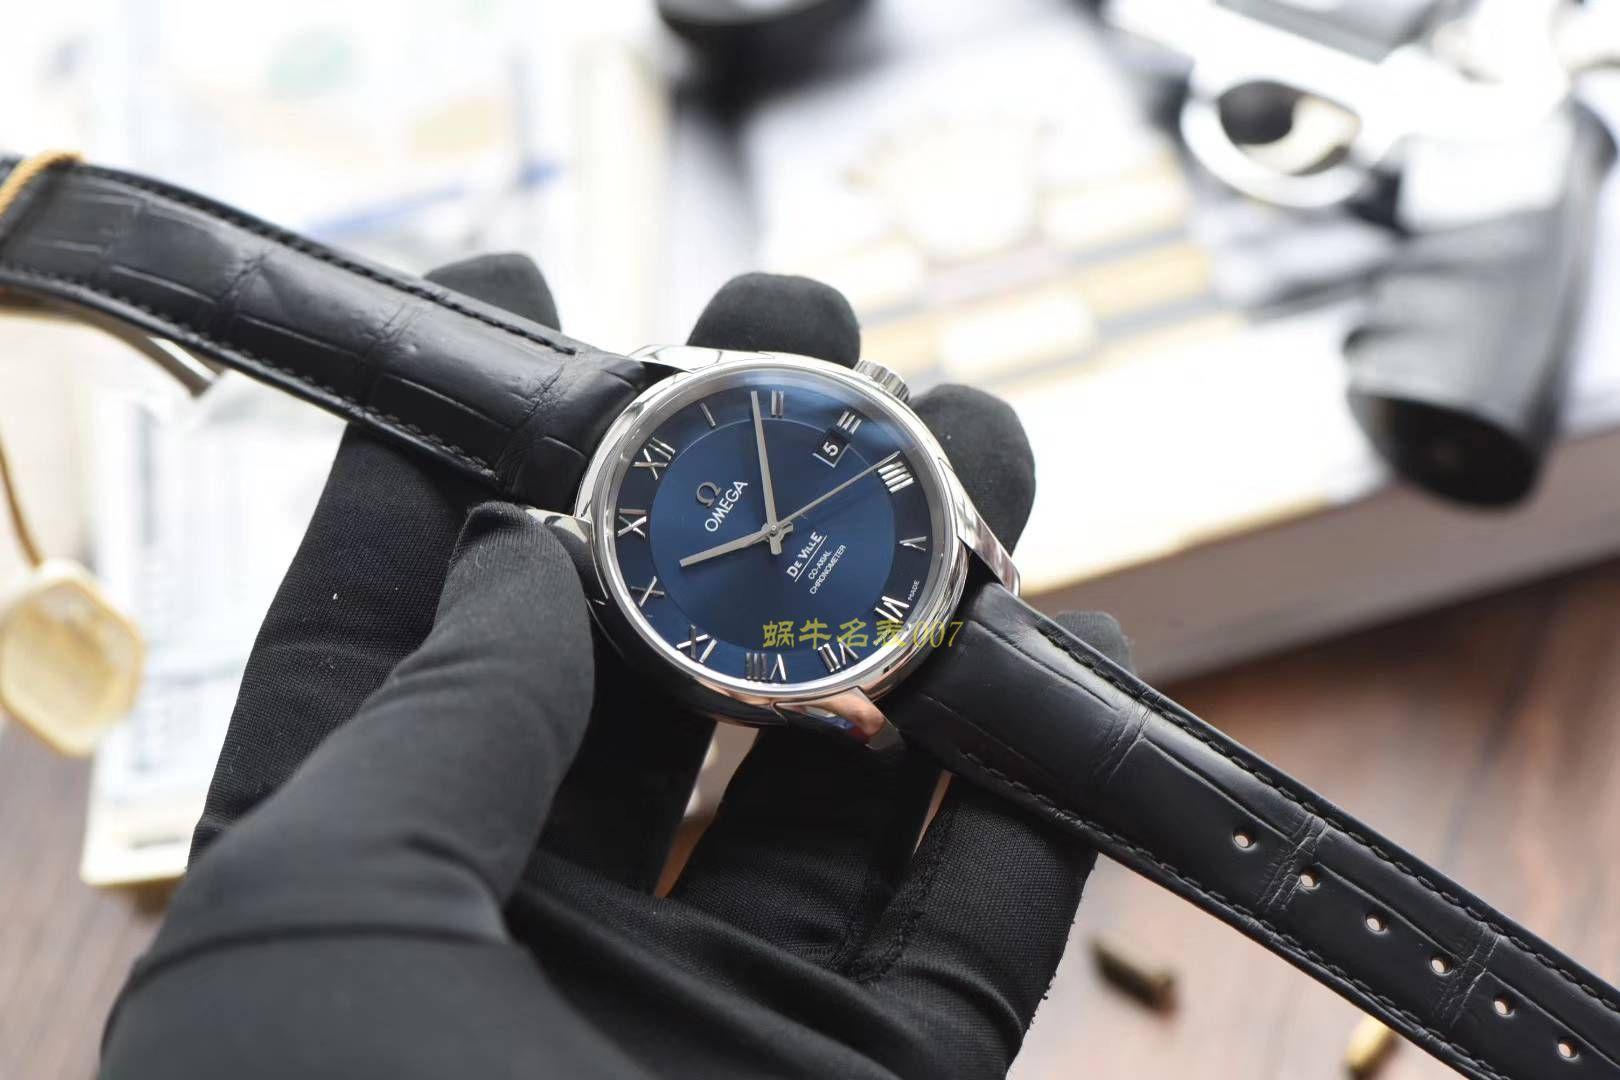 欧米茄碟飞系列433.10.41.21.03.001,433.13.41.21.03.001(皮带)腕表【VS一比一高仿手表】 / M356